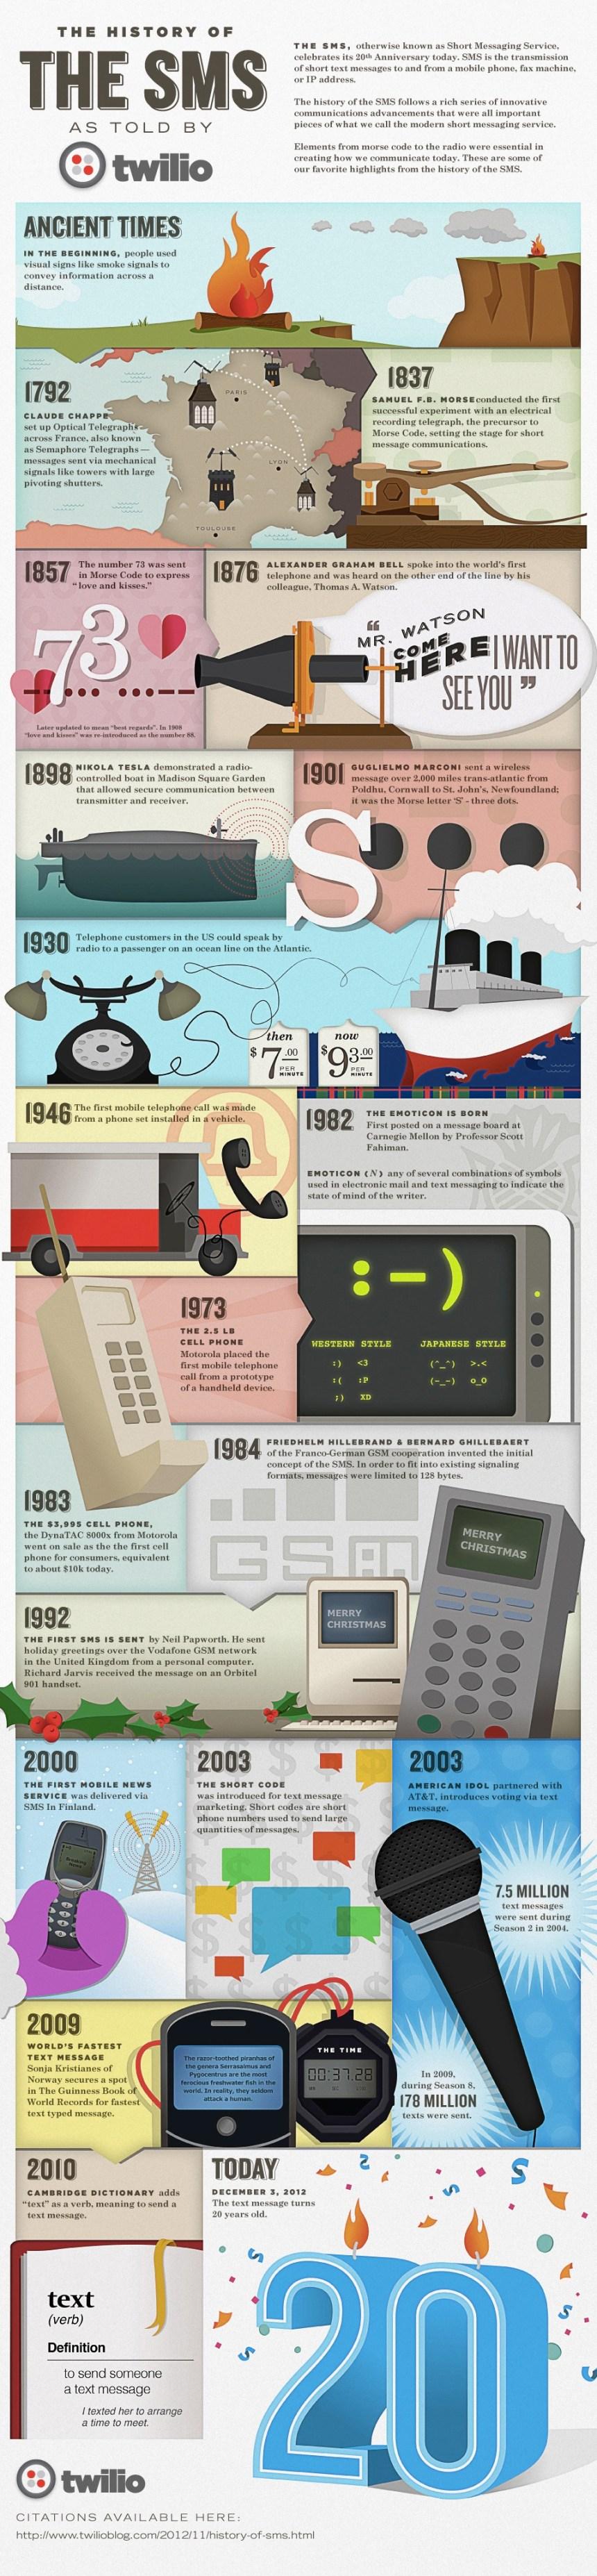 La historia de los SMS